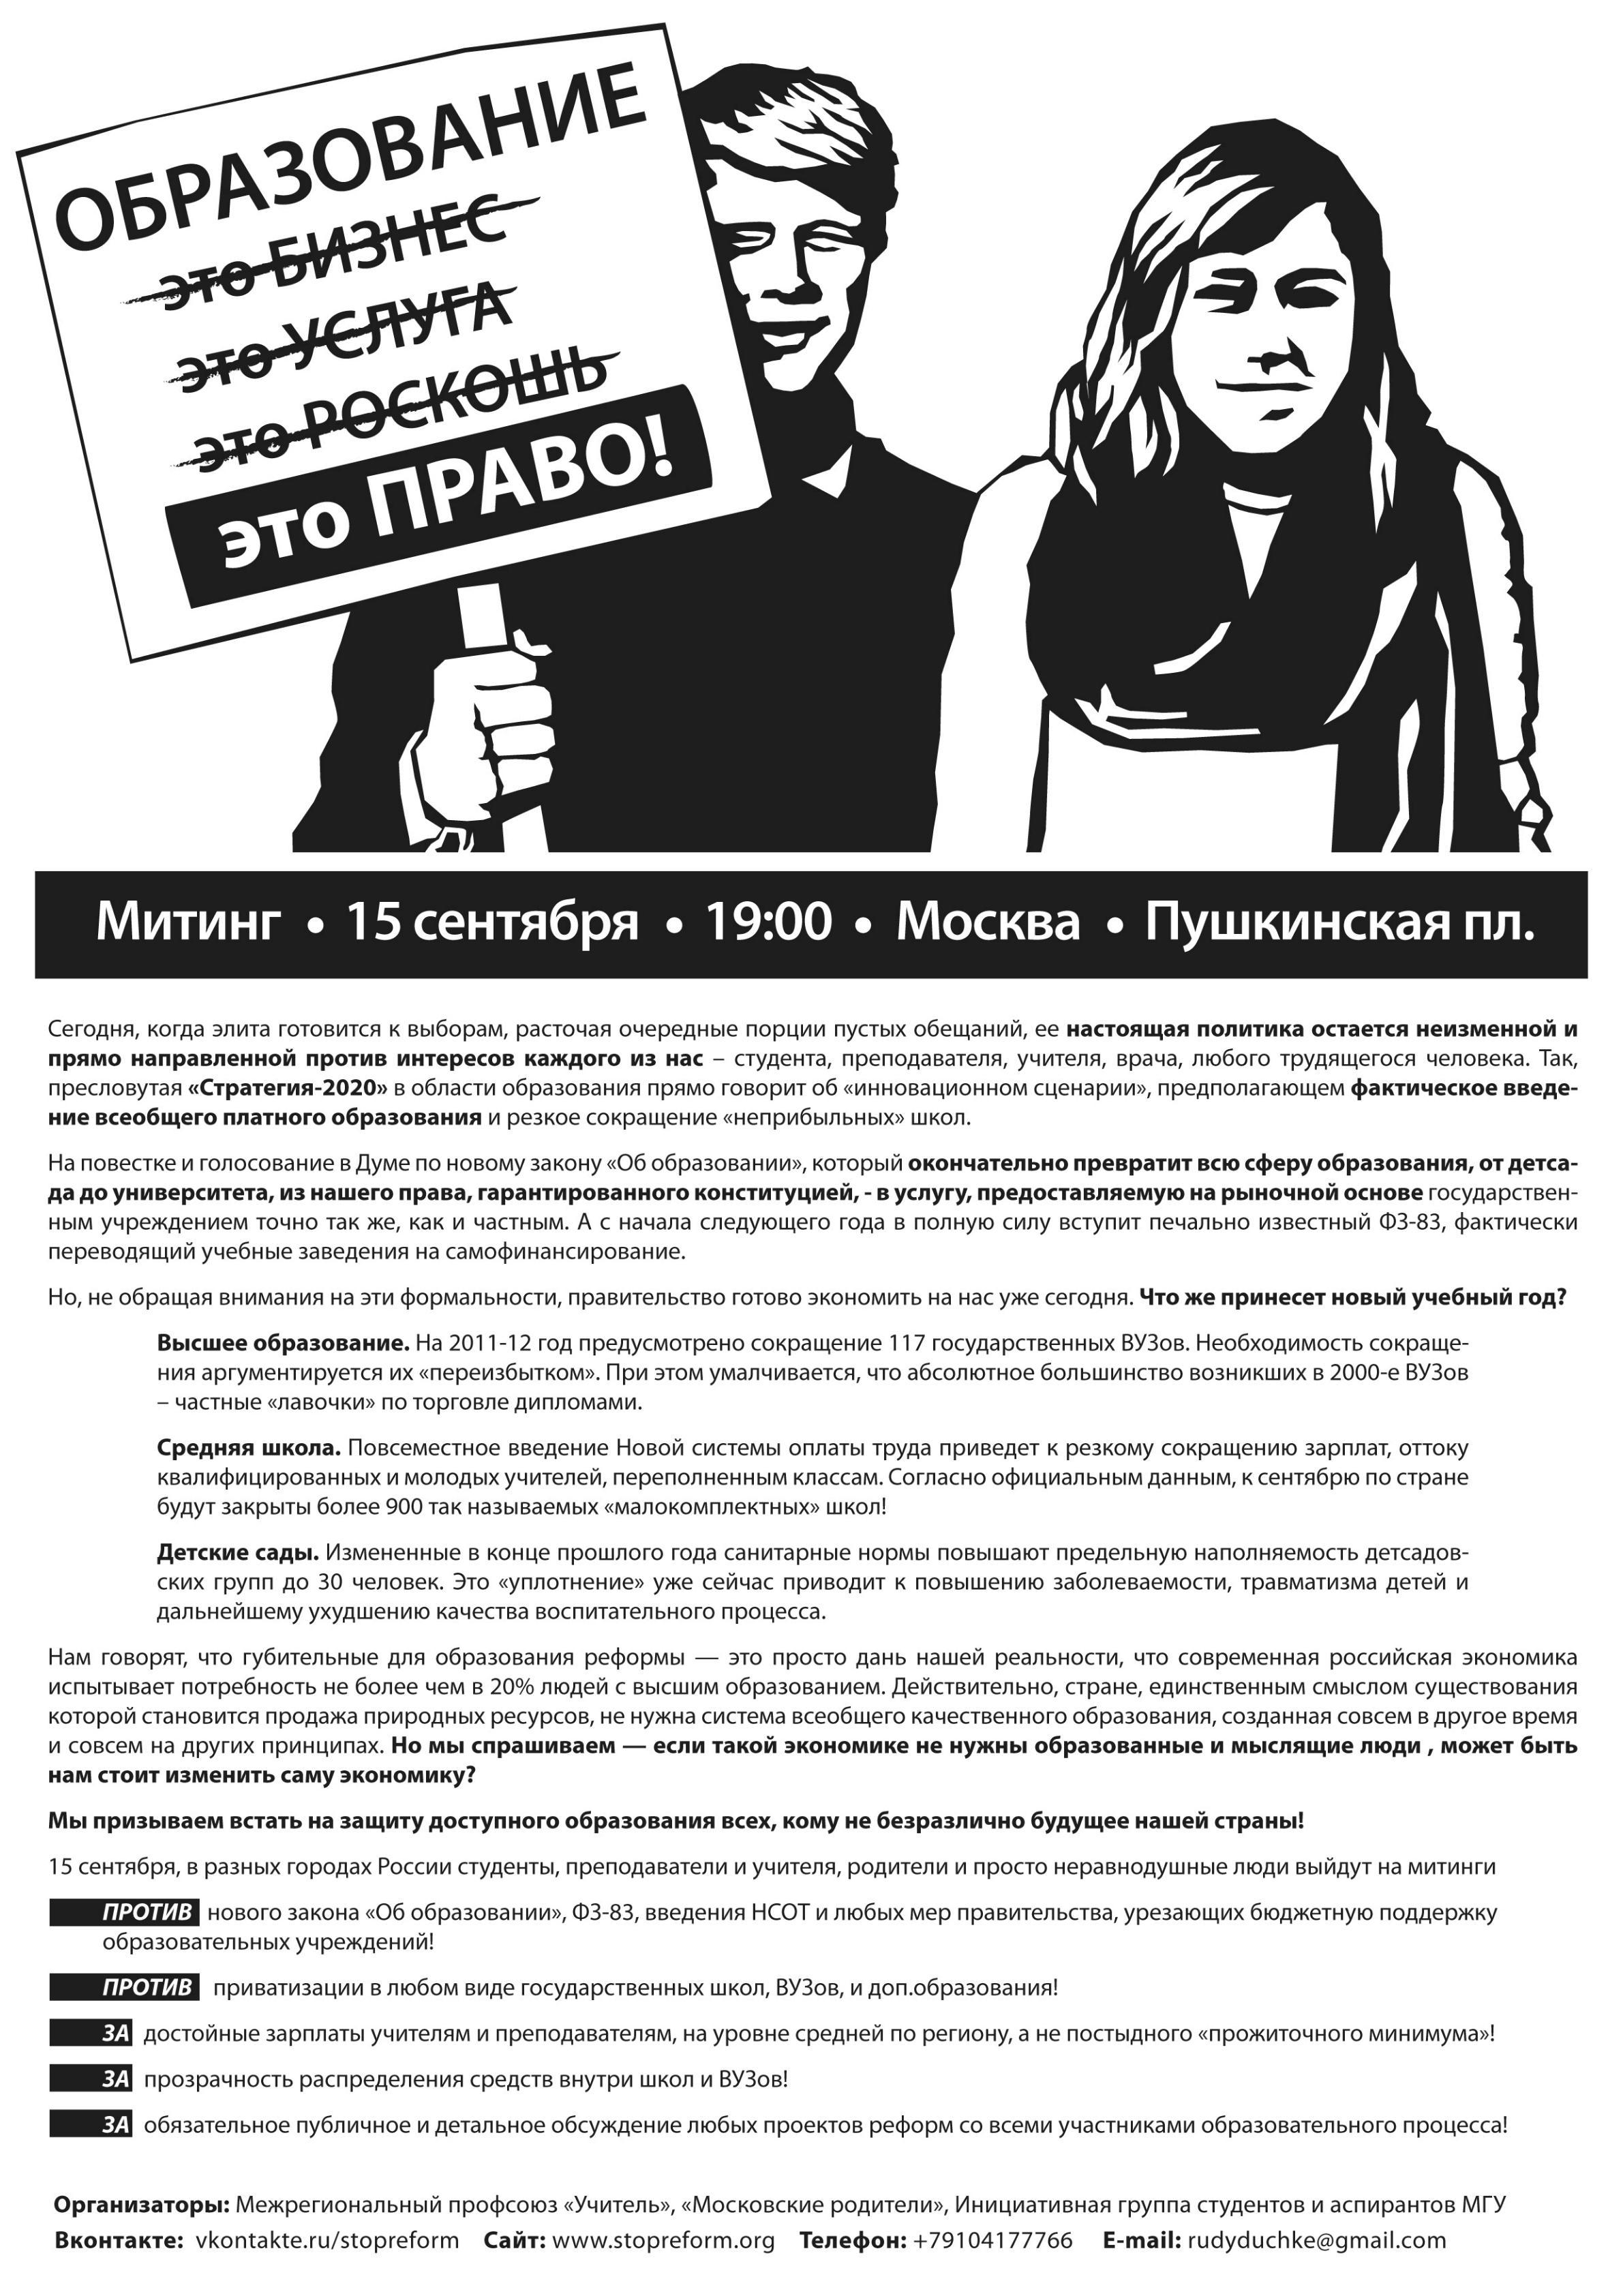 obshaya_listovka.jpg